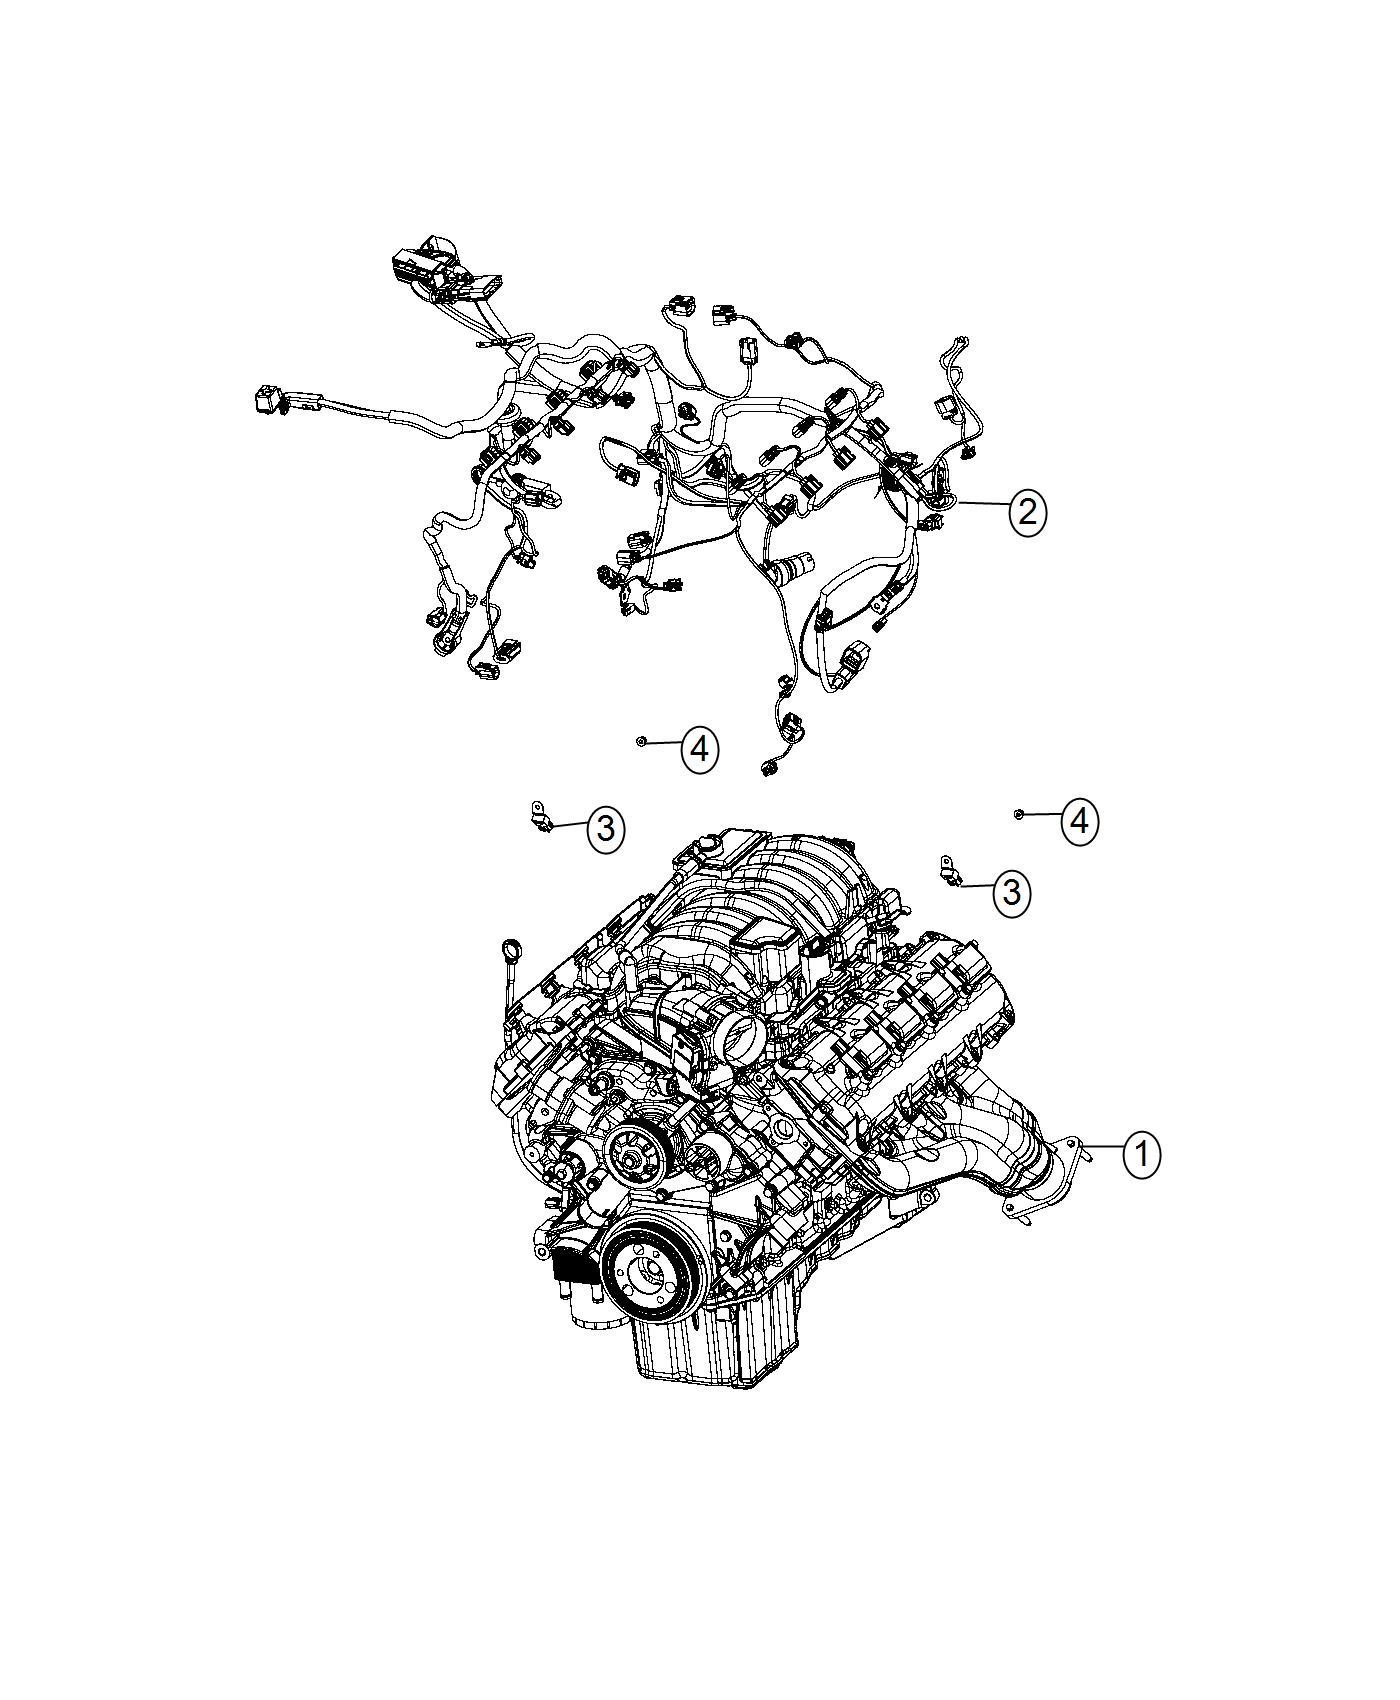 2017 dodge challenger wiring  engine  powertrain  mopar  electrical